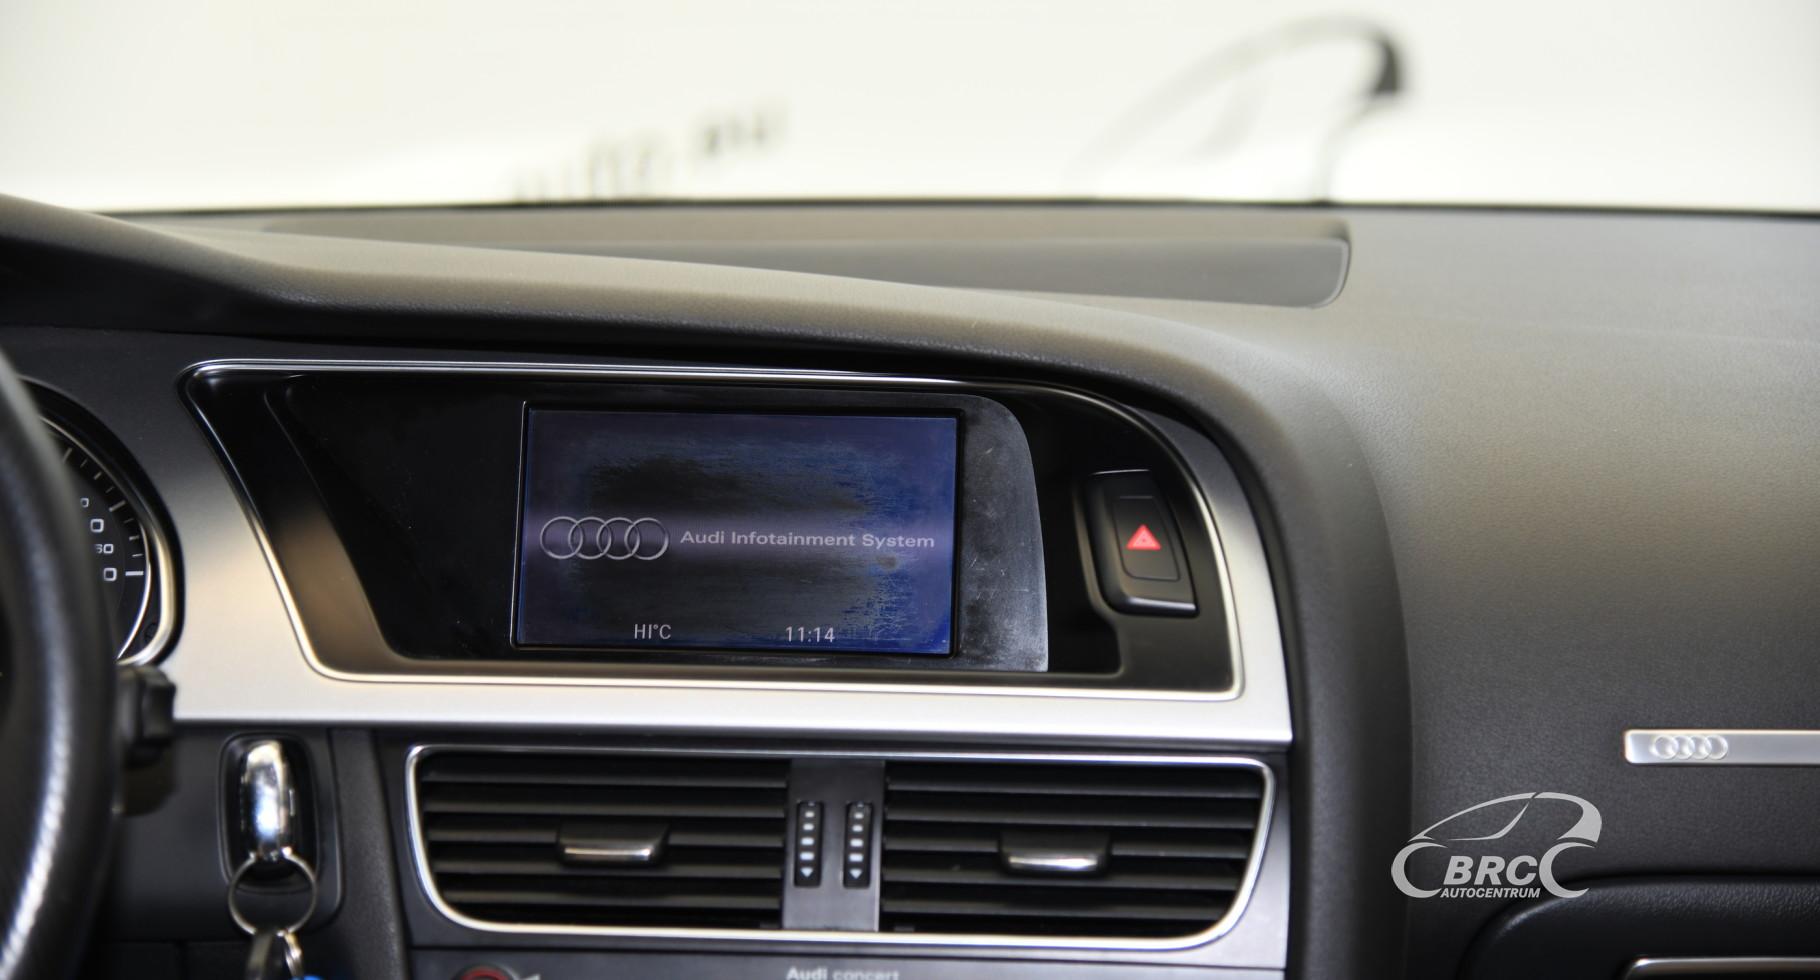 Audi A5 2.0 TDI Automatas